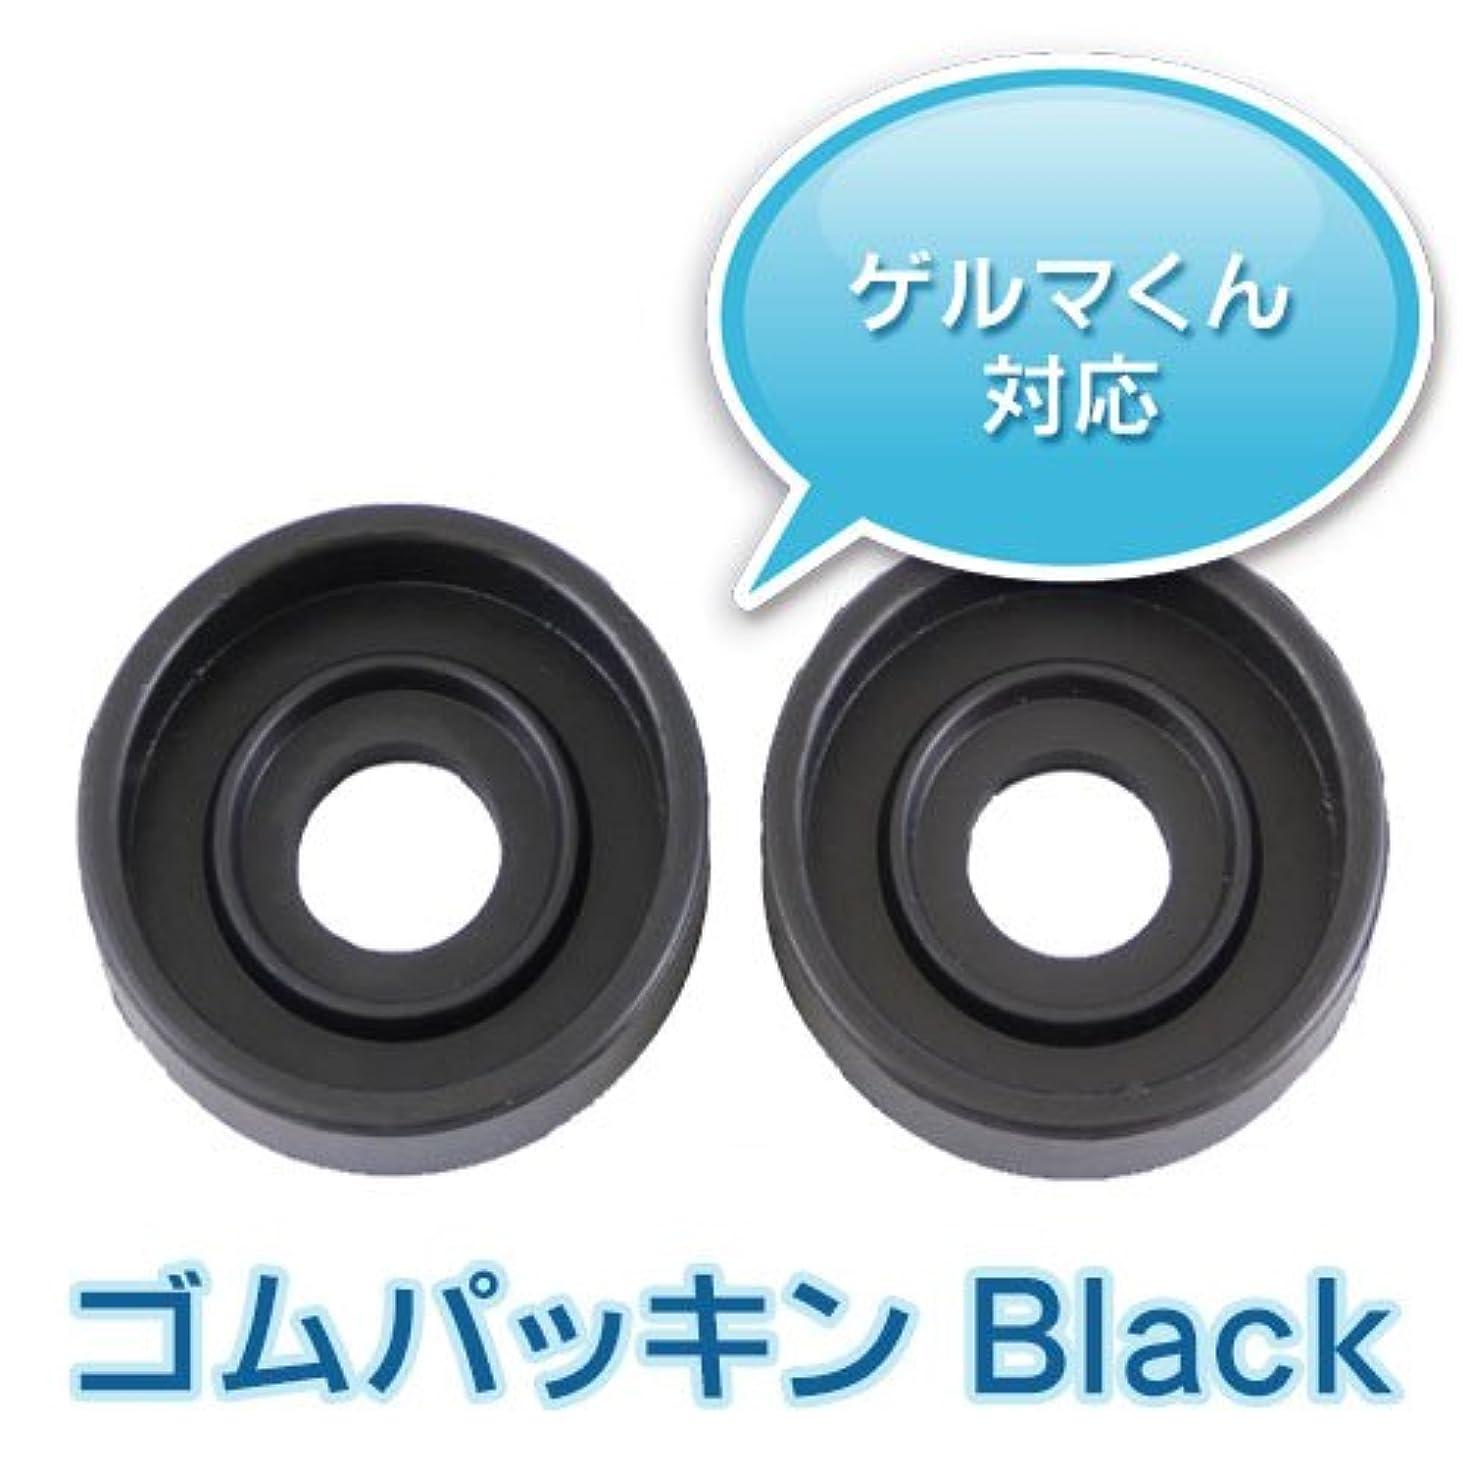 不振暖炉息を切らしてゲルマ温浴器専用ゴムパッキン2個(黒)「ゲルマくん」対応